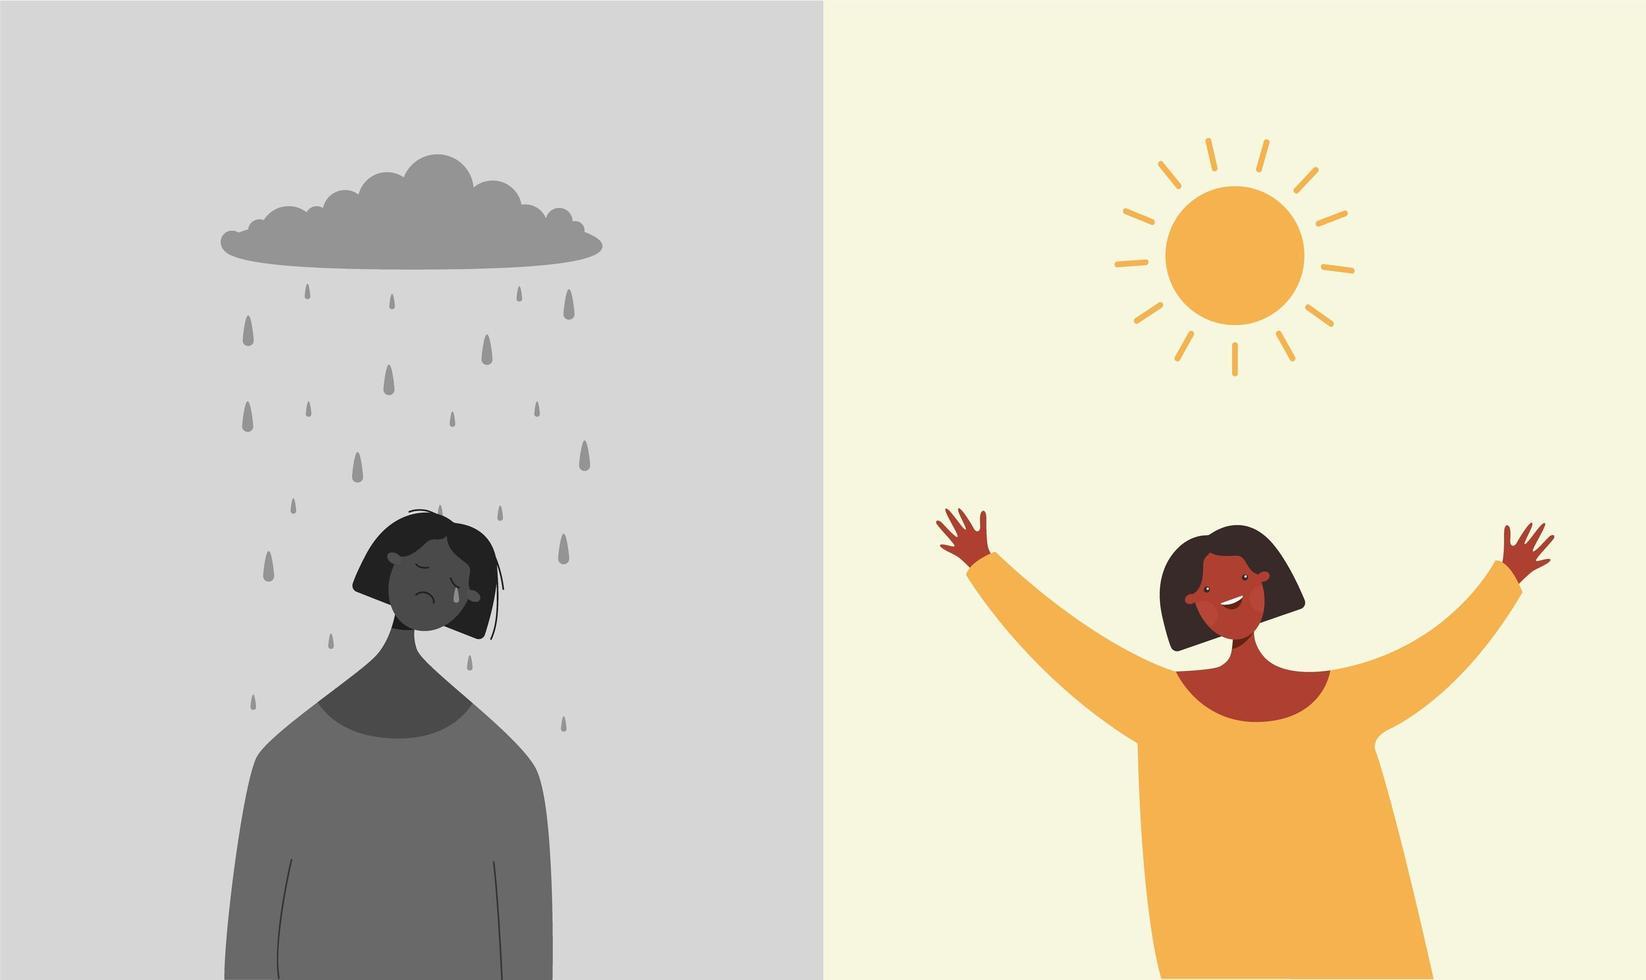 glückliche Frau unter der Sonne, traurige Frau unter der Regenwolke vektor